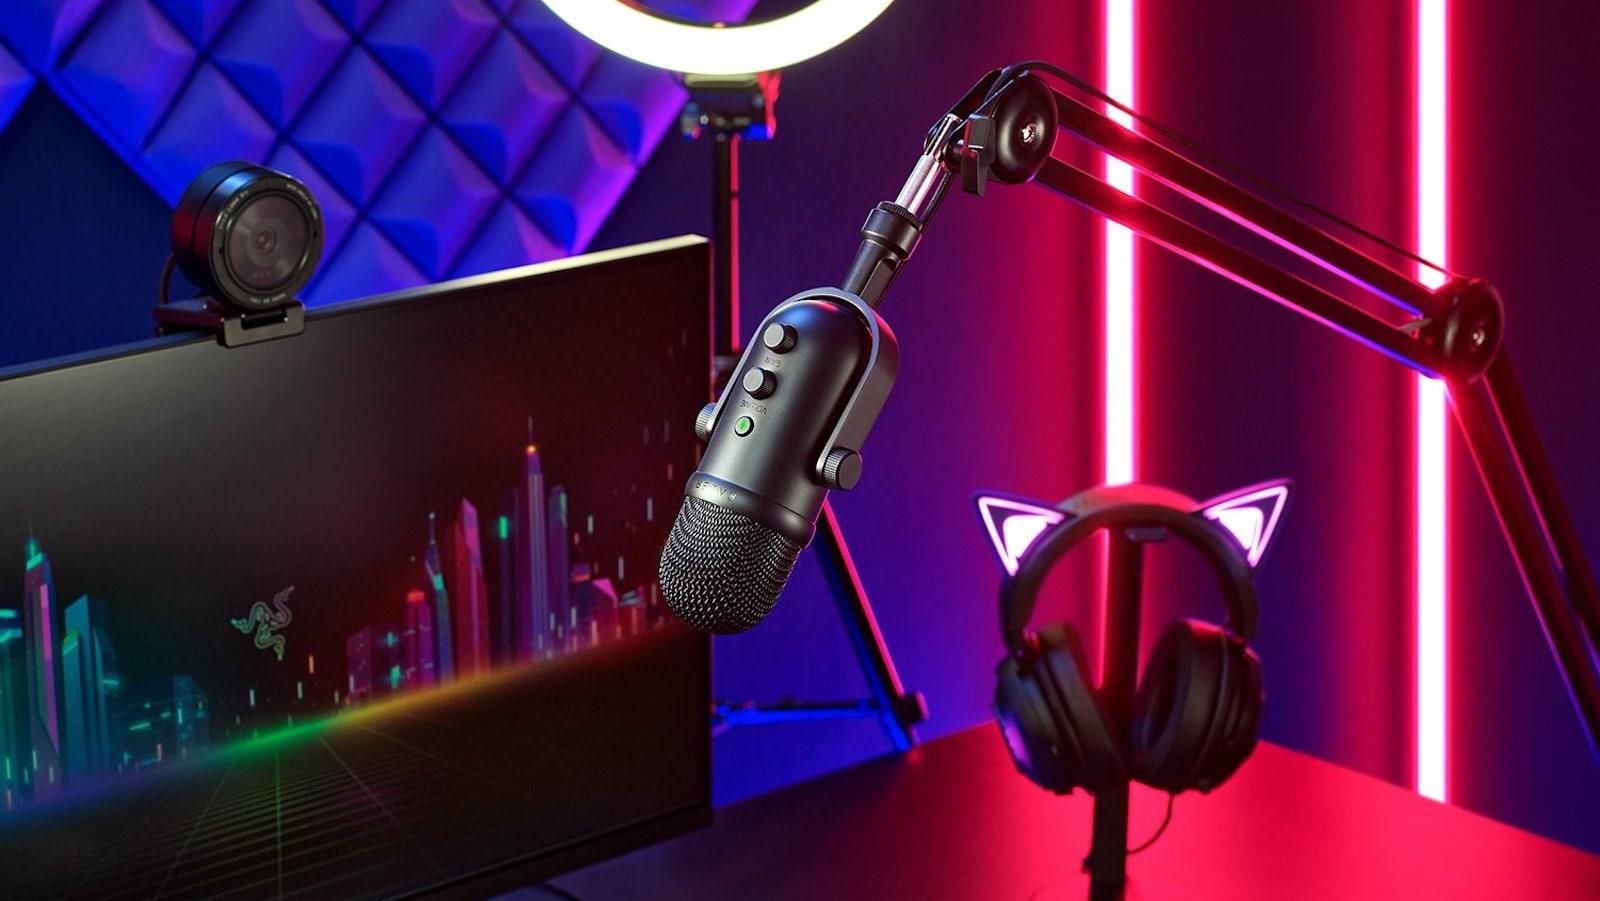 Razer-Seiren-V2-Pro-microphone-for-streamers-01.jpg